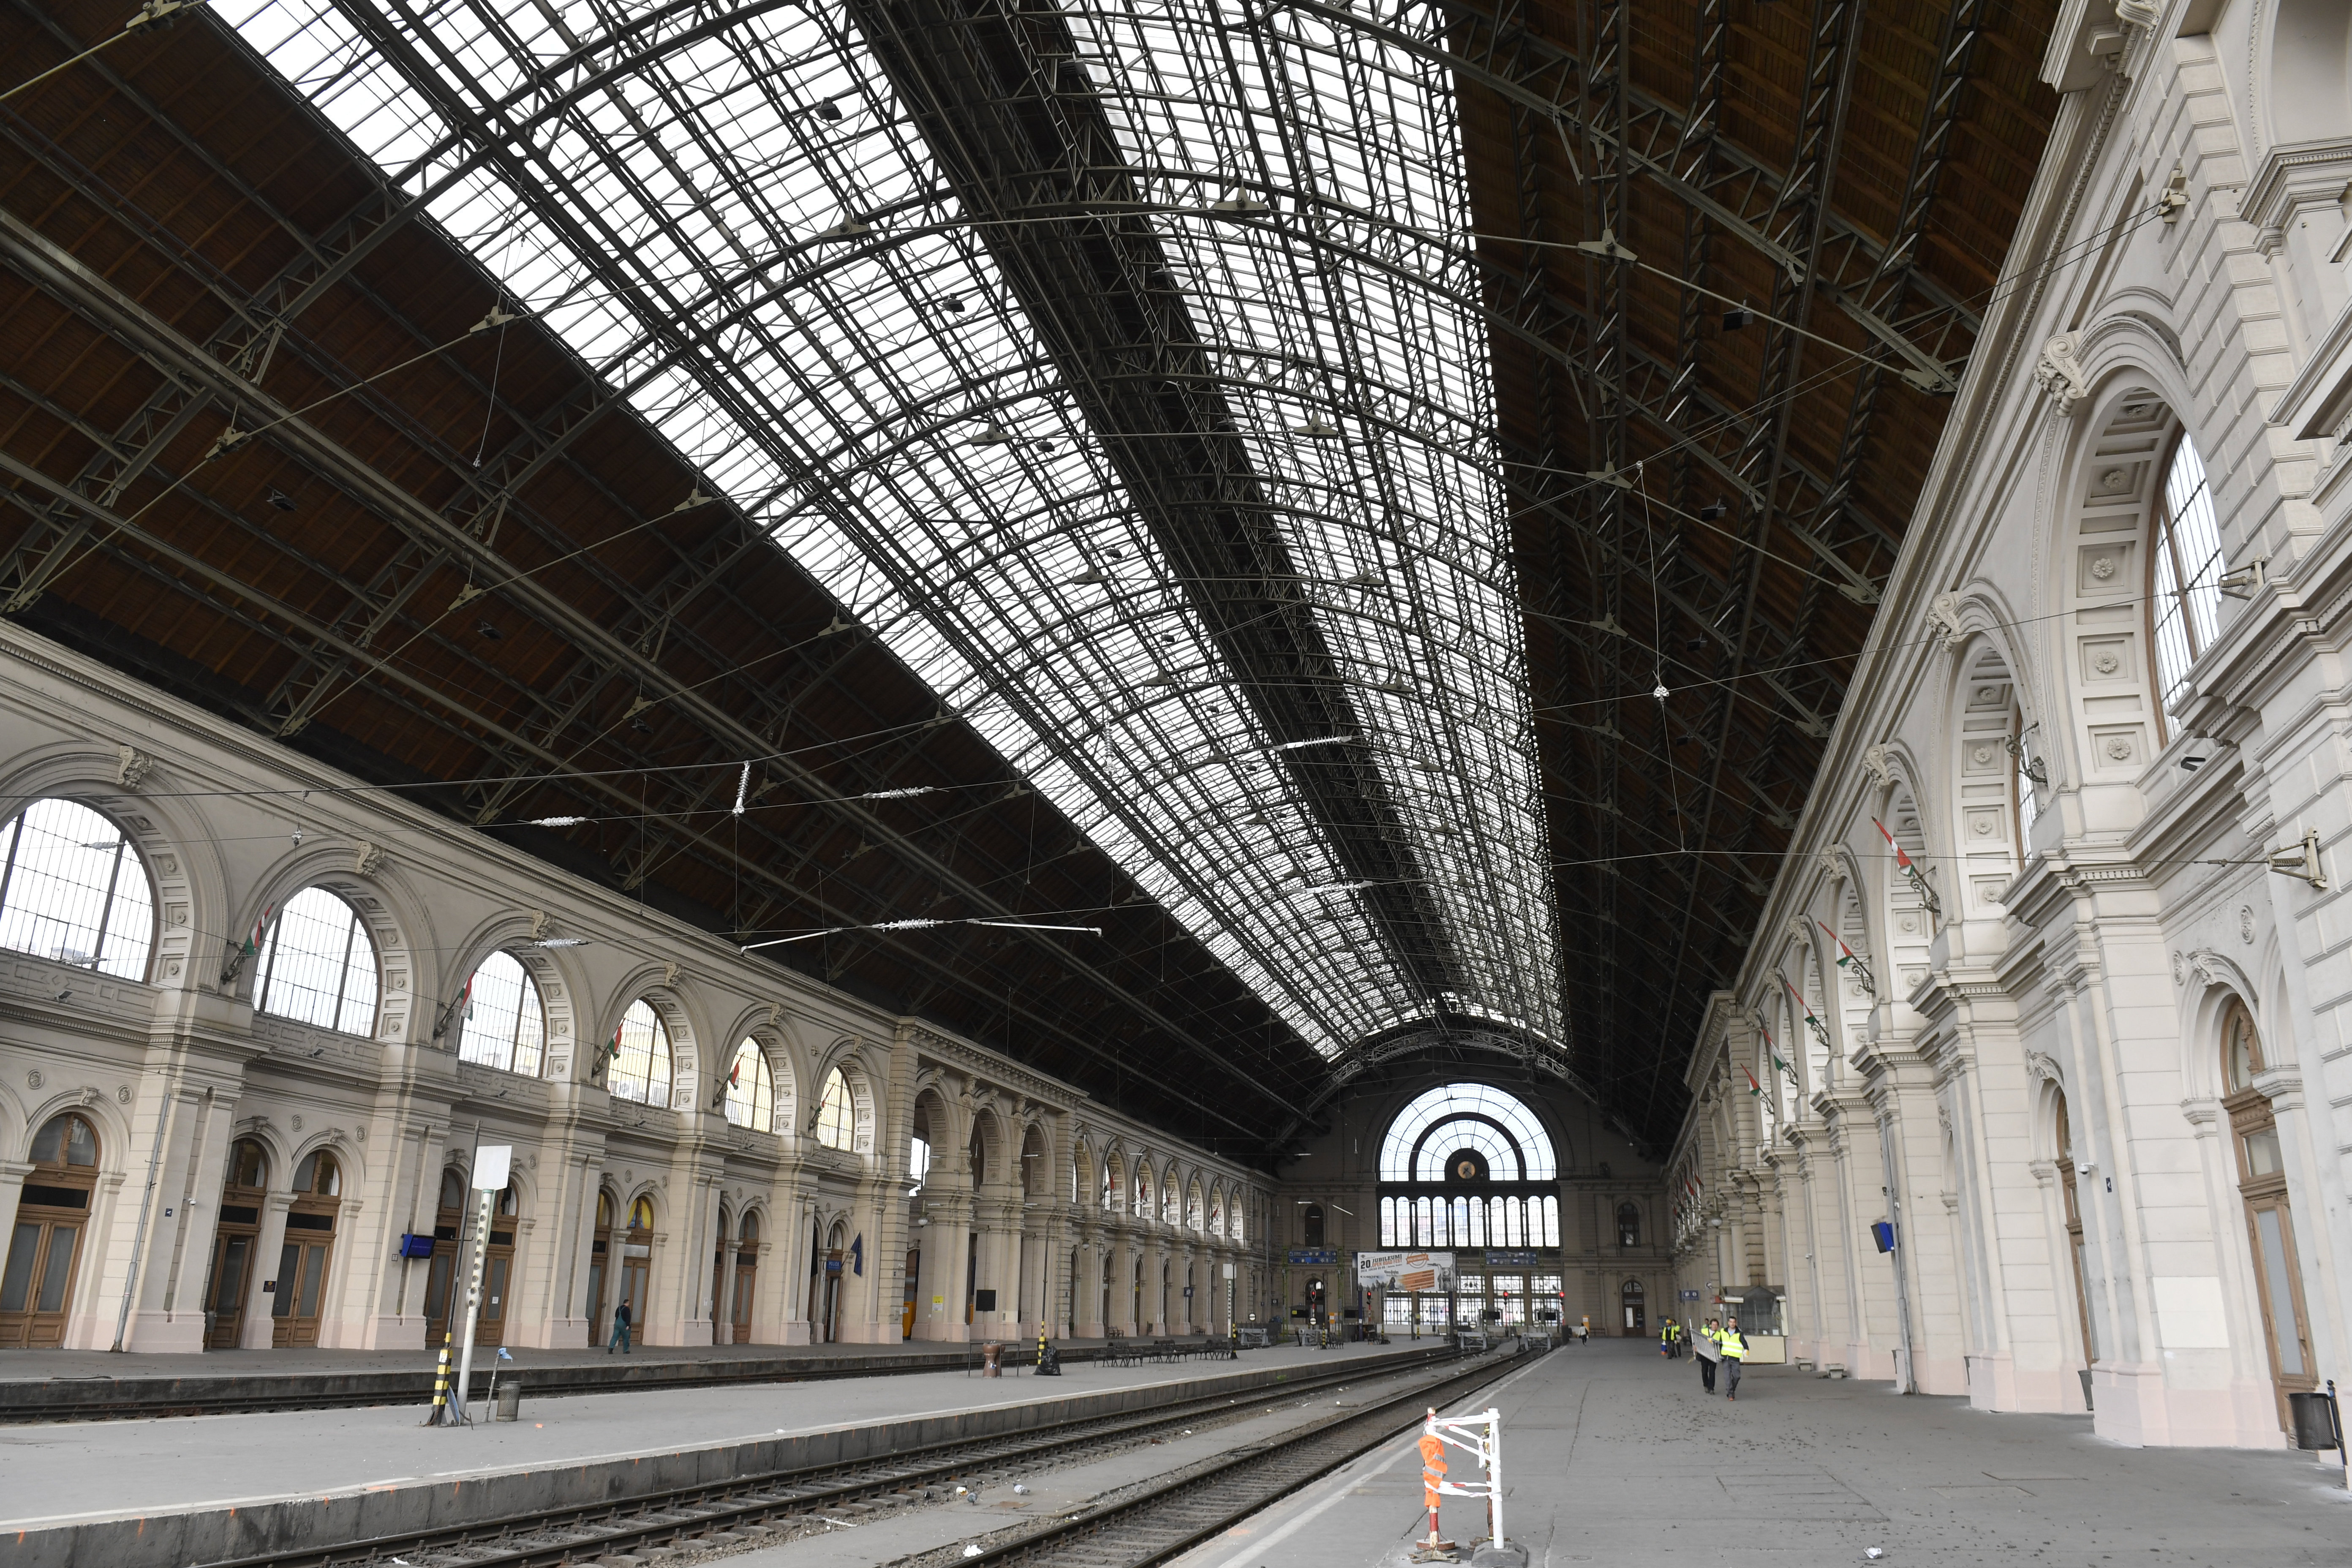 Budapest-Keleti Bahnhof für 2 Wochen geschlossen post's picture